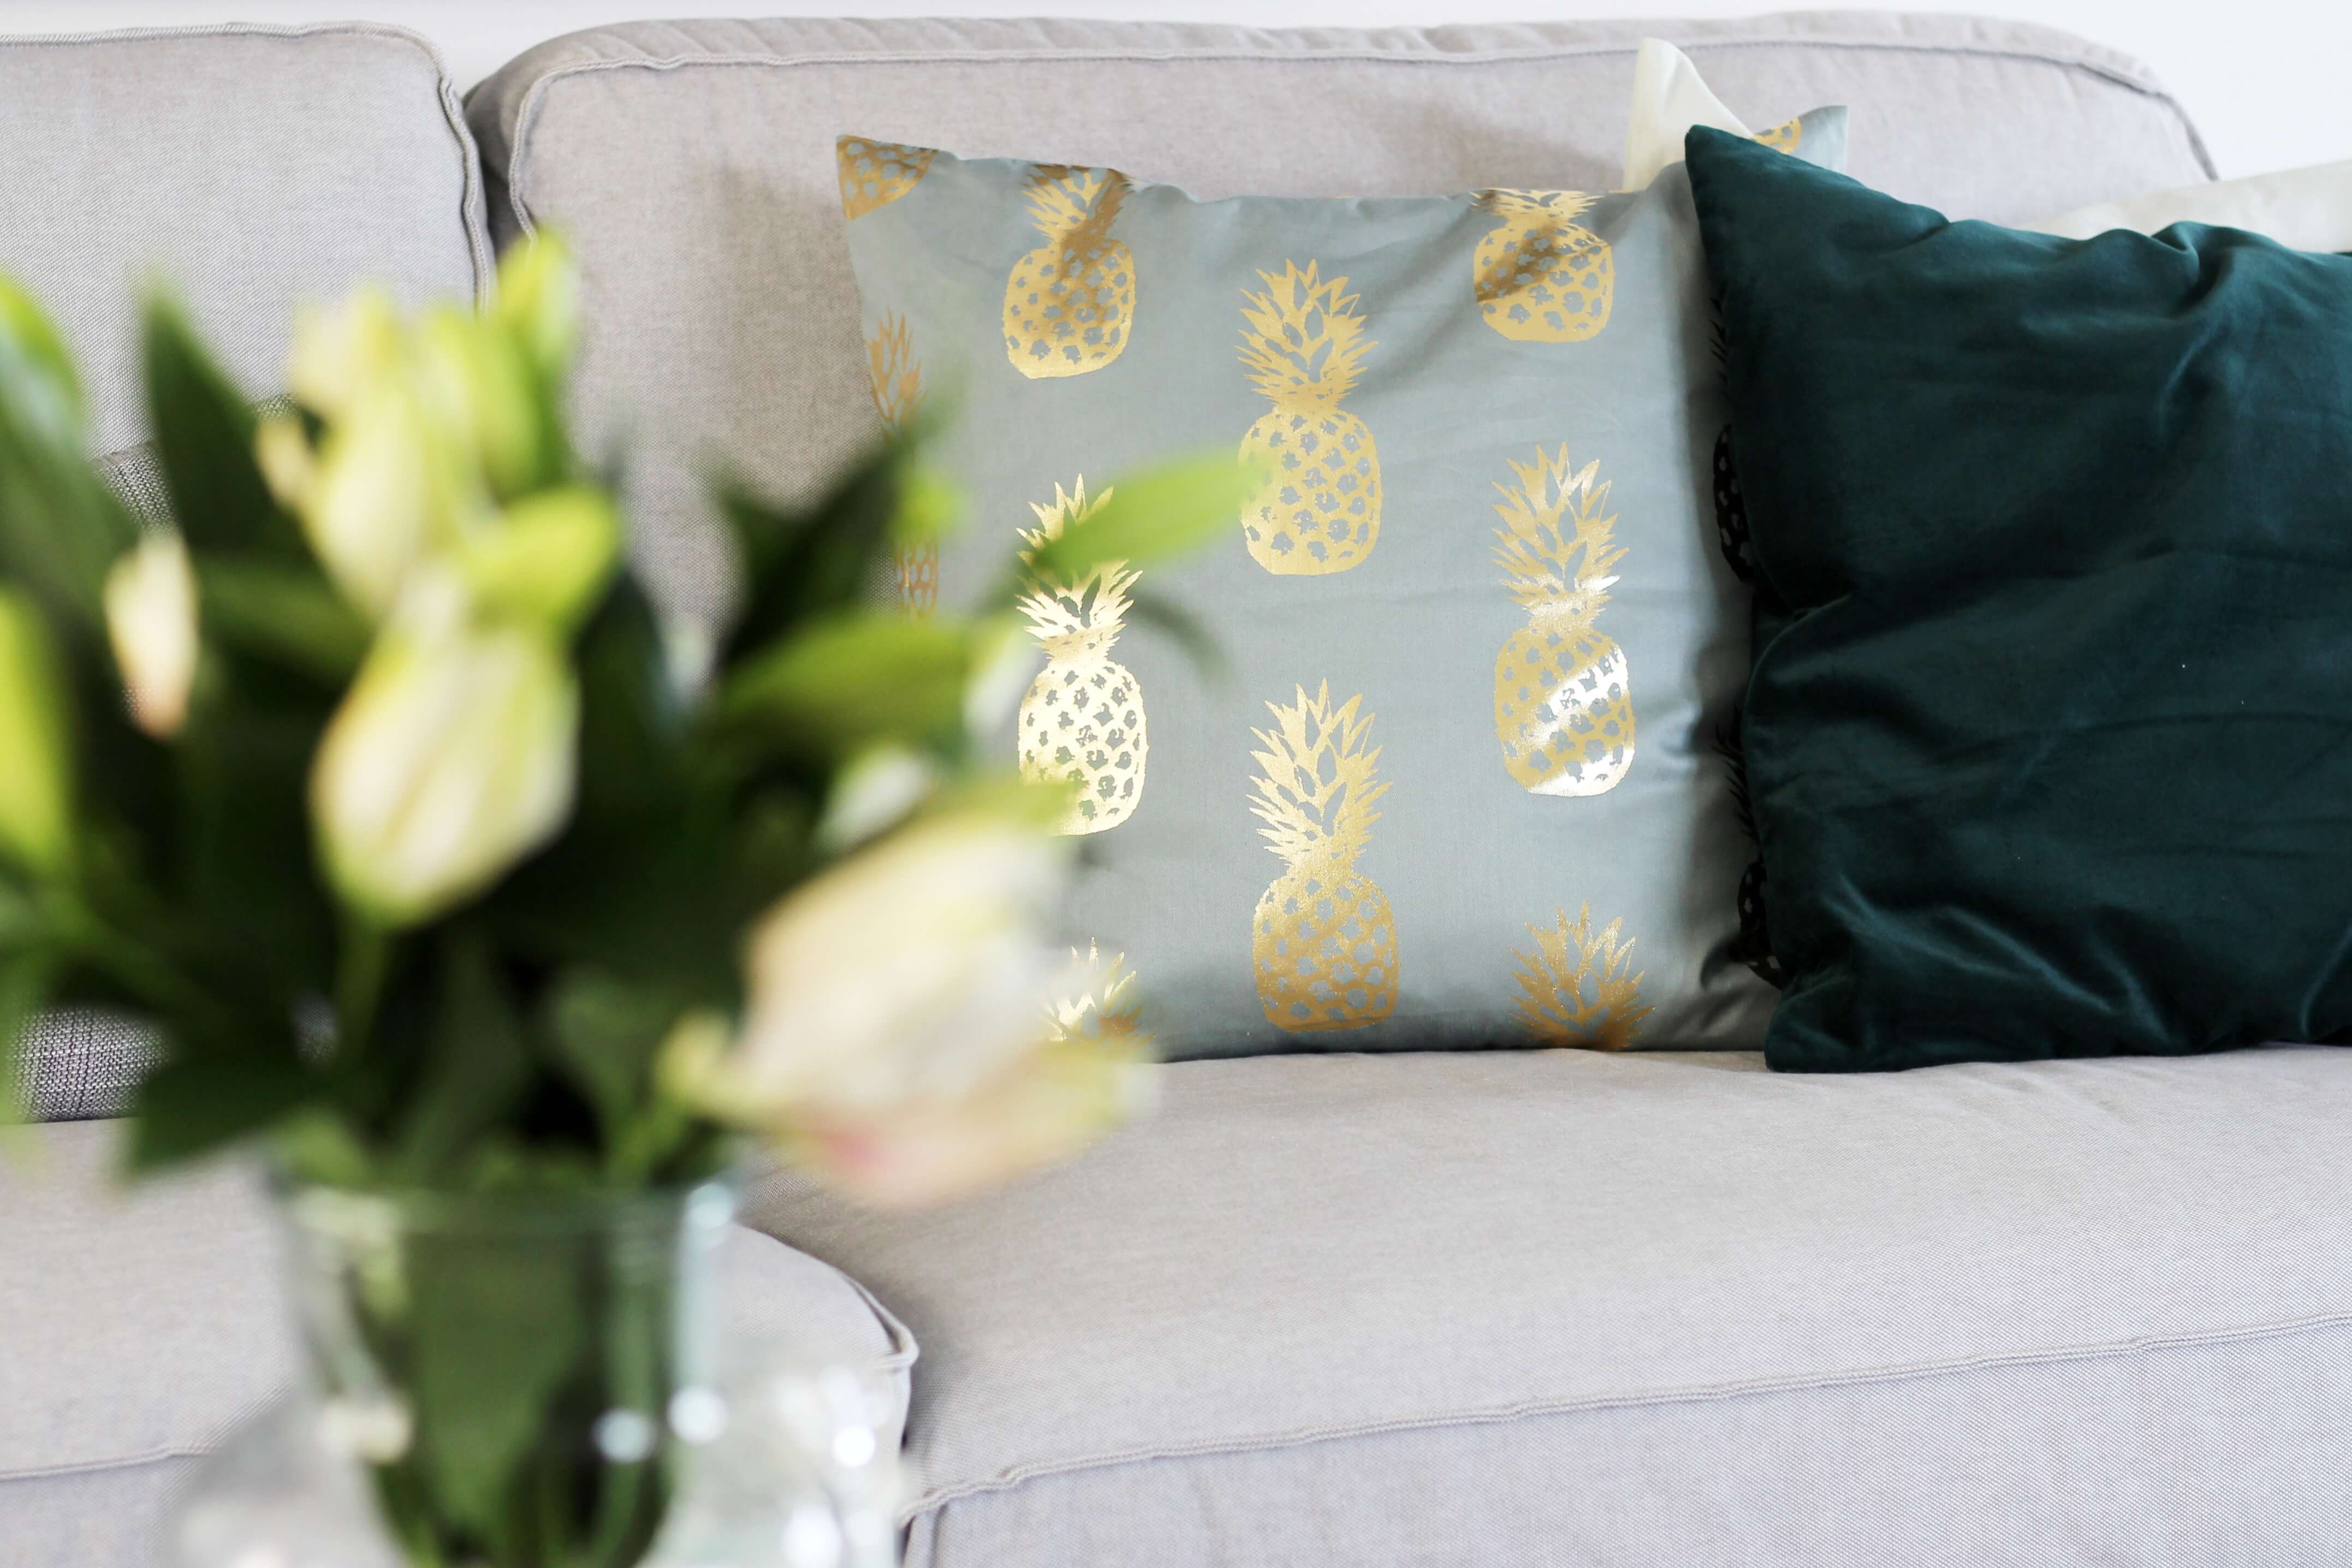 Kissen Wohnzimmer Deko ~ Unsere wohnzimmer deko in gruen gold tantedine 003